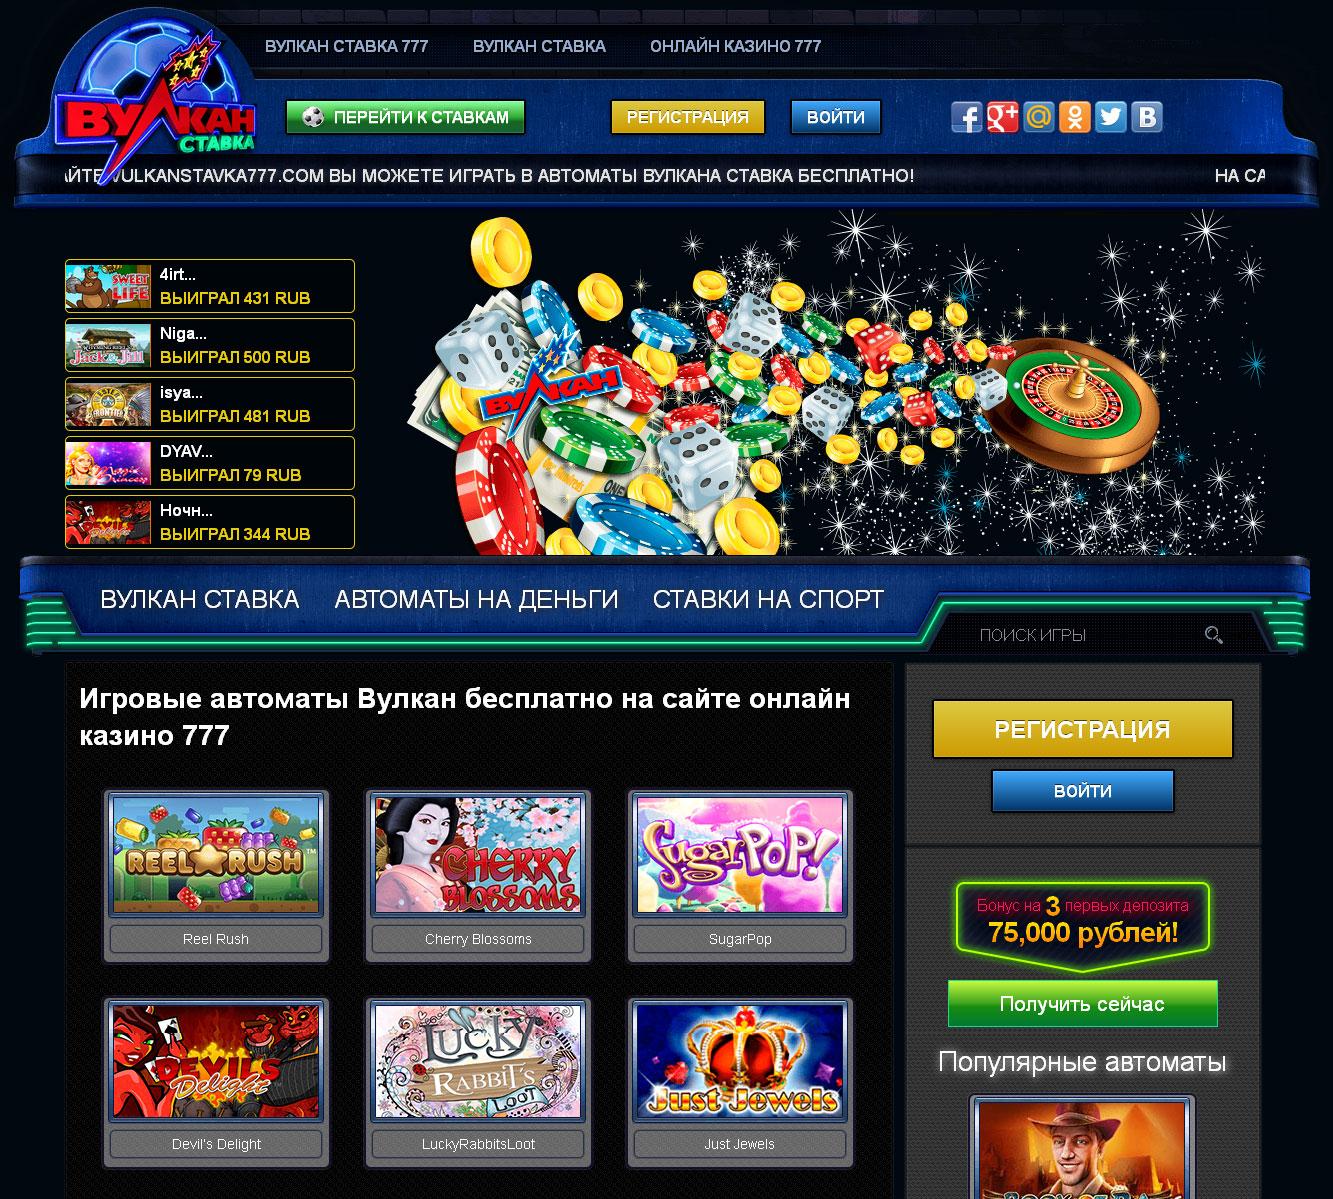 Можно ли играть в казино вулкан карты рпг онлайн играть